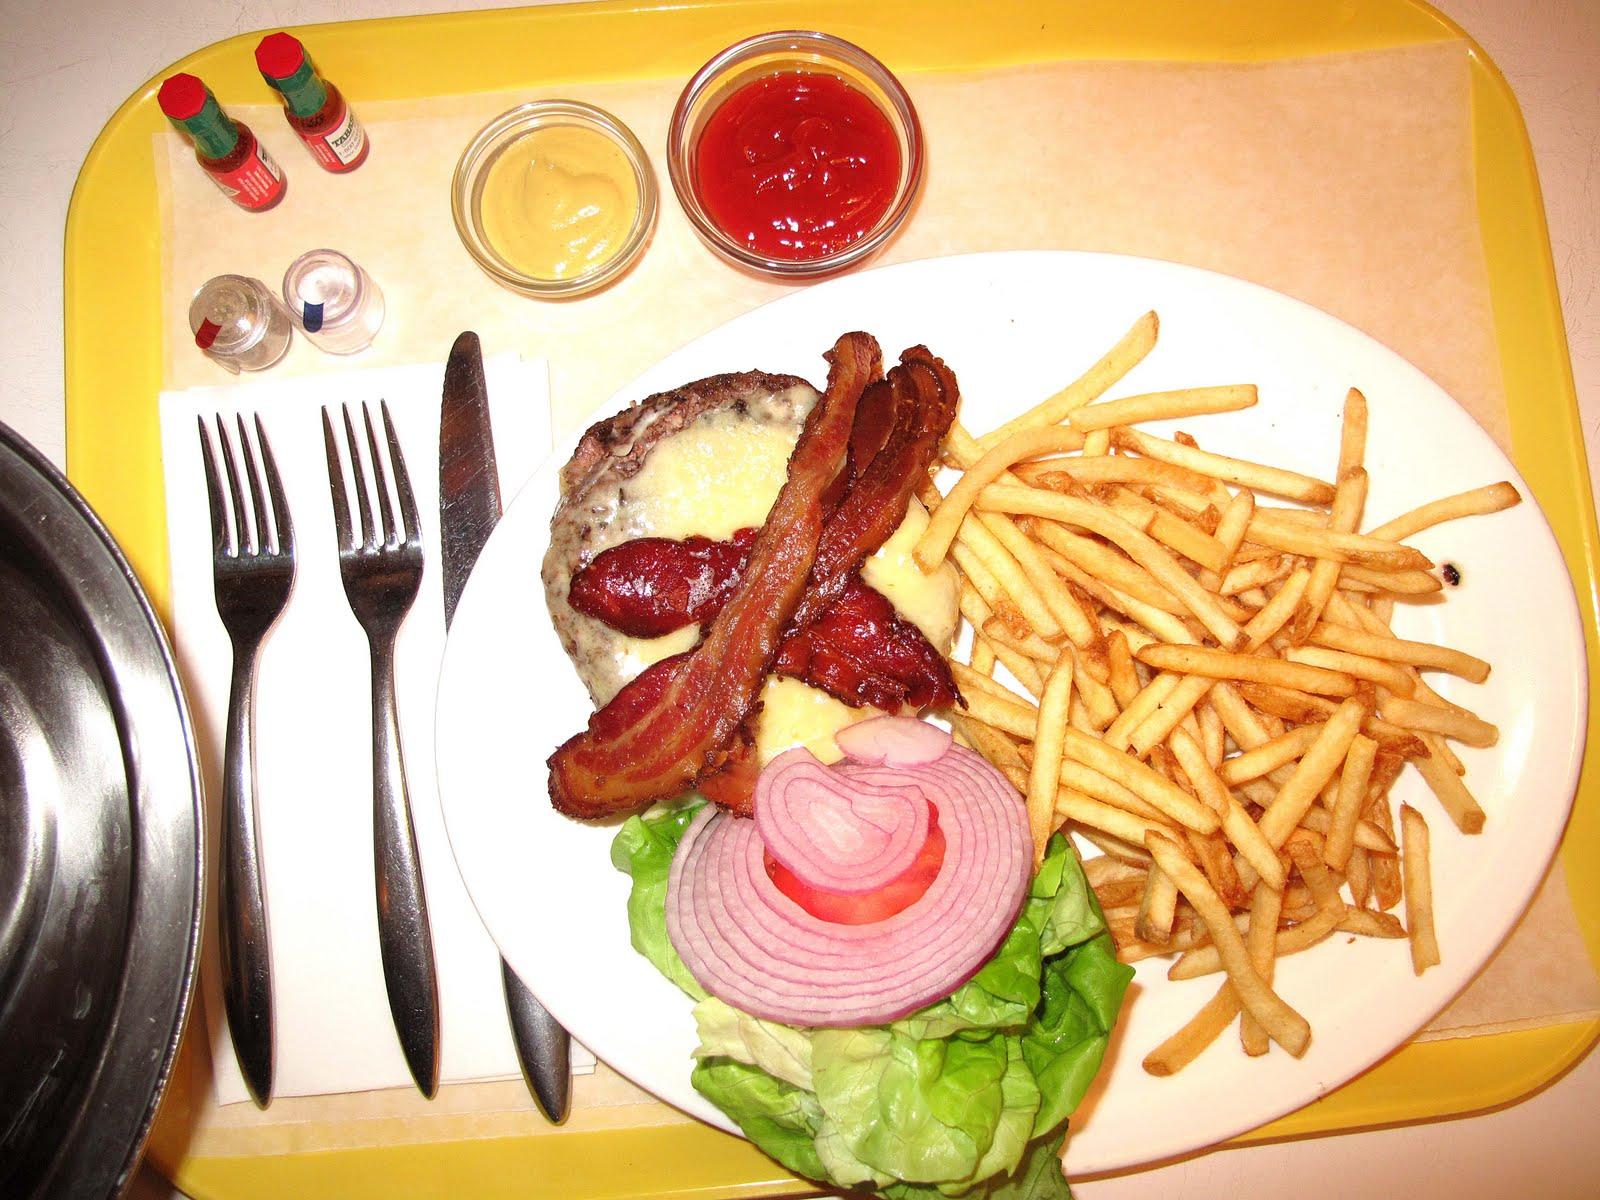 http://2.bp.blogspot.com/_ZlJK8LoAxck/TMDzT4JcX5I/AAAAAAAAEFw/n7VCh0AuOGc/s1600/burgertime.jpg